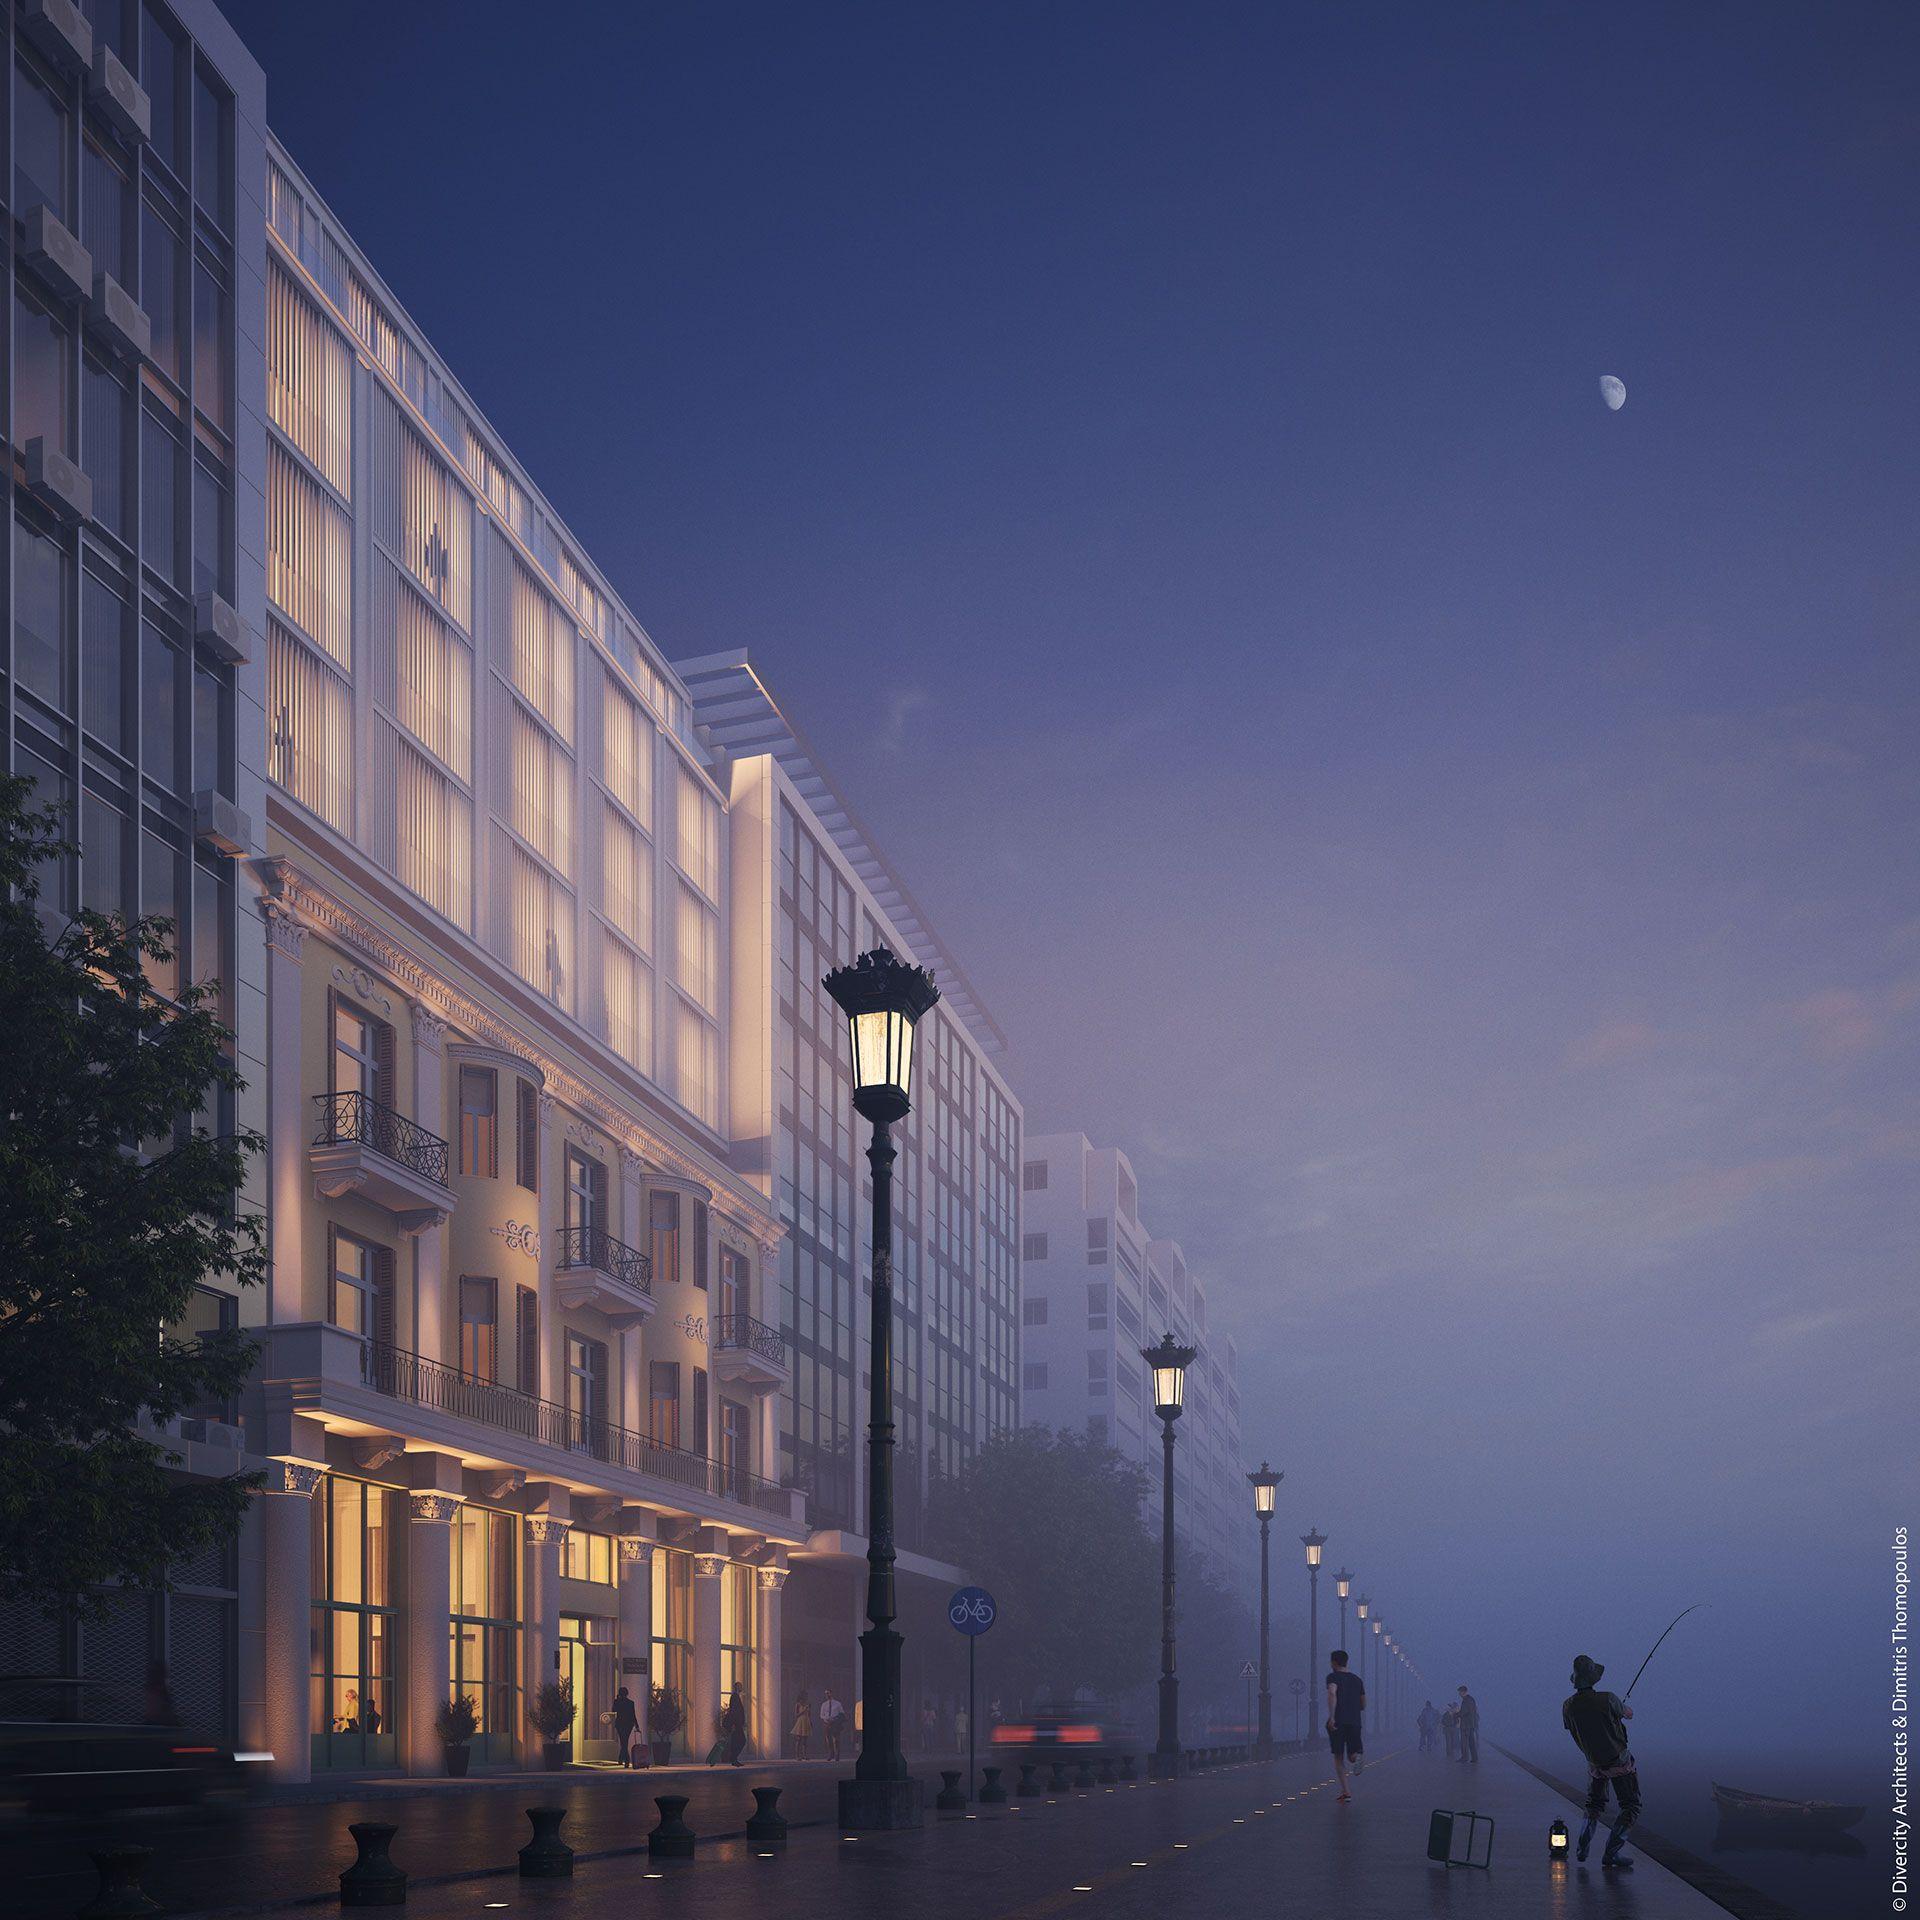 """Το νέο 5άστερο ξενοδοχείο στο ιστορικό κτίριο """"Όλυμπος Νάουσα"""" στη Θεσσαλονίκη - Πηγή: Divercity Architects & Dimitris Thomopoulos"""